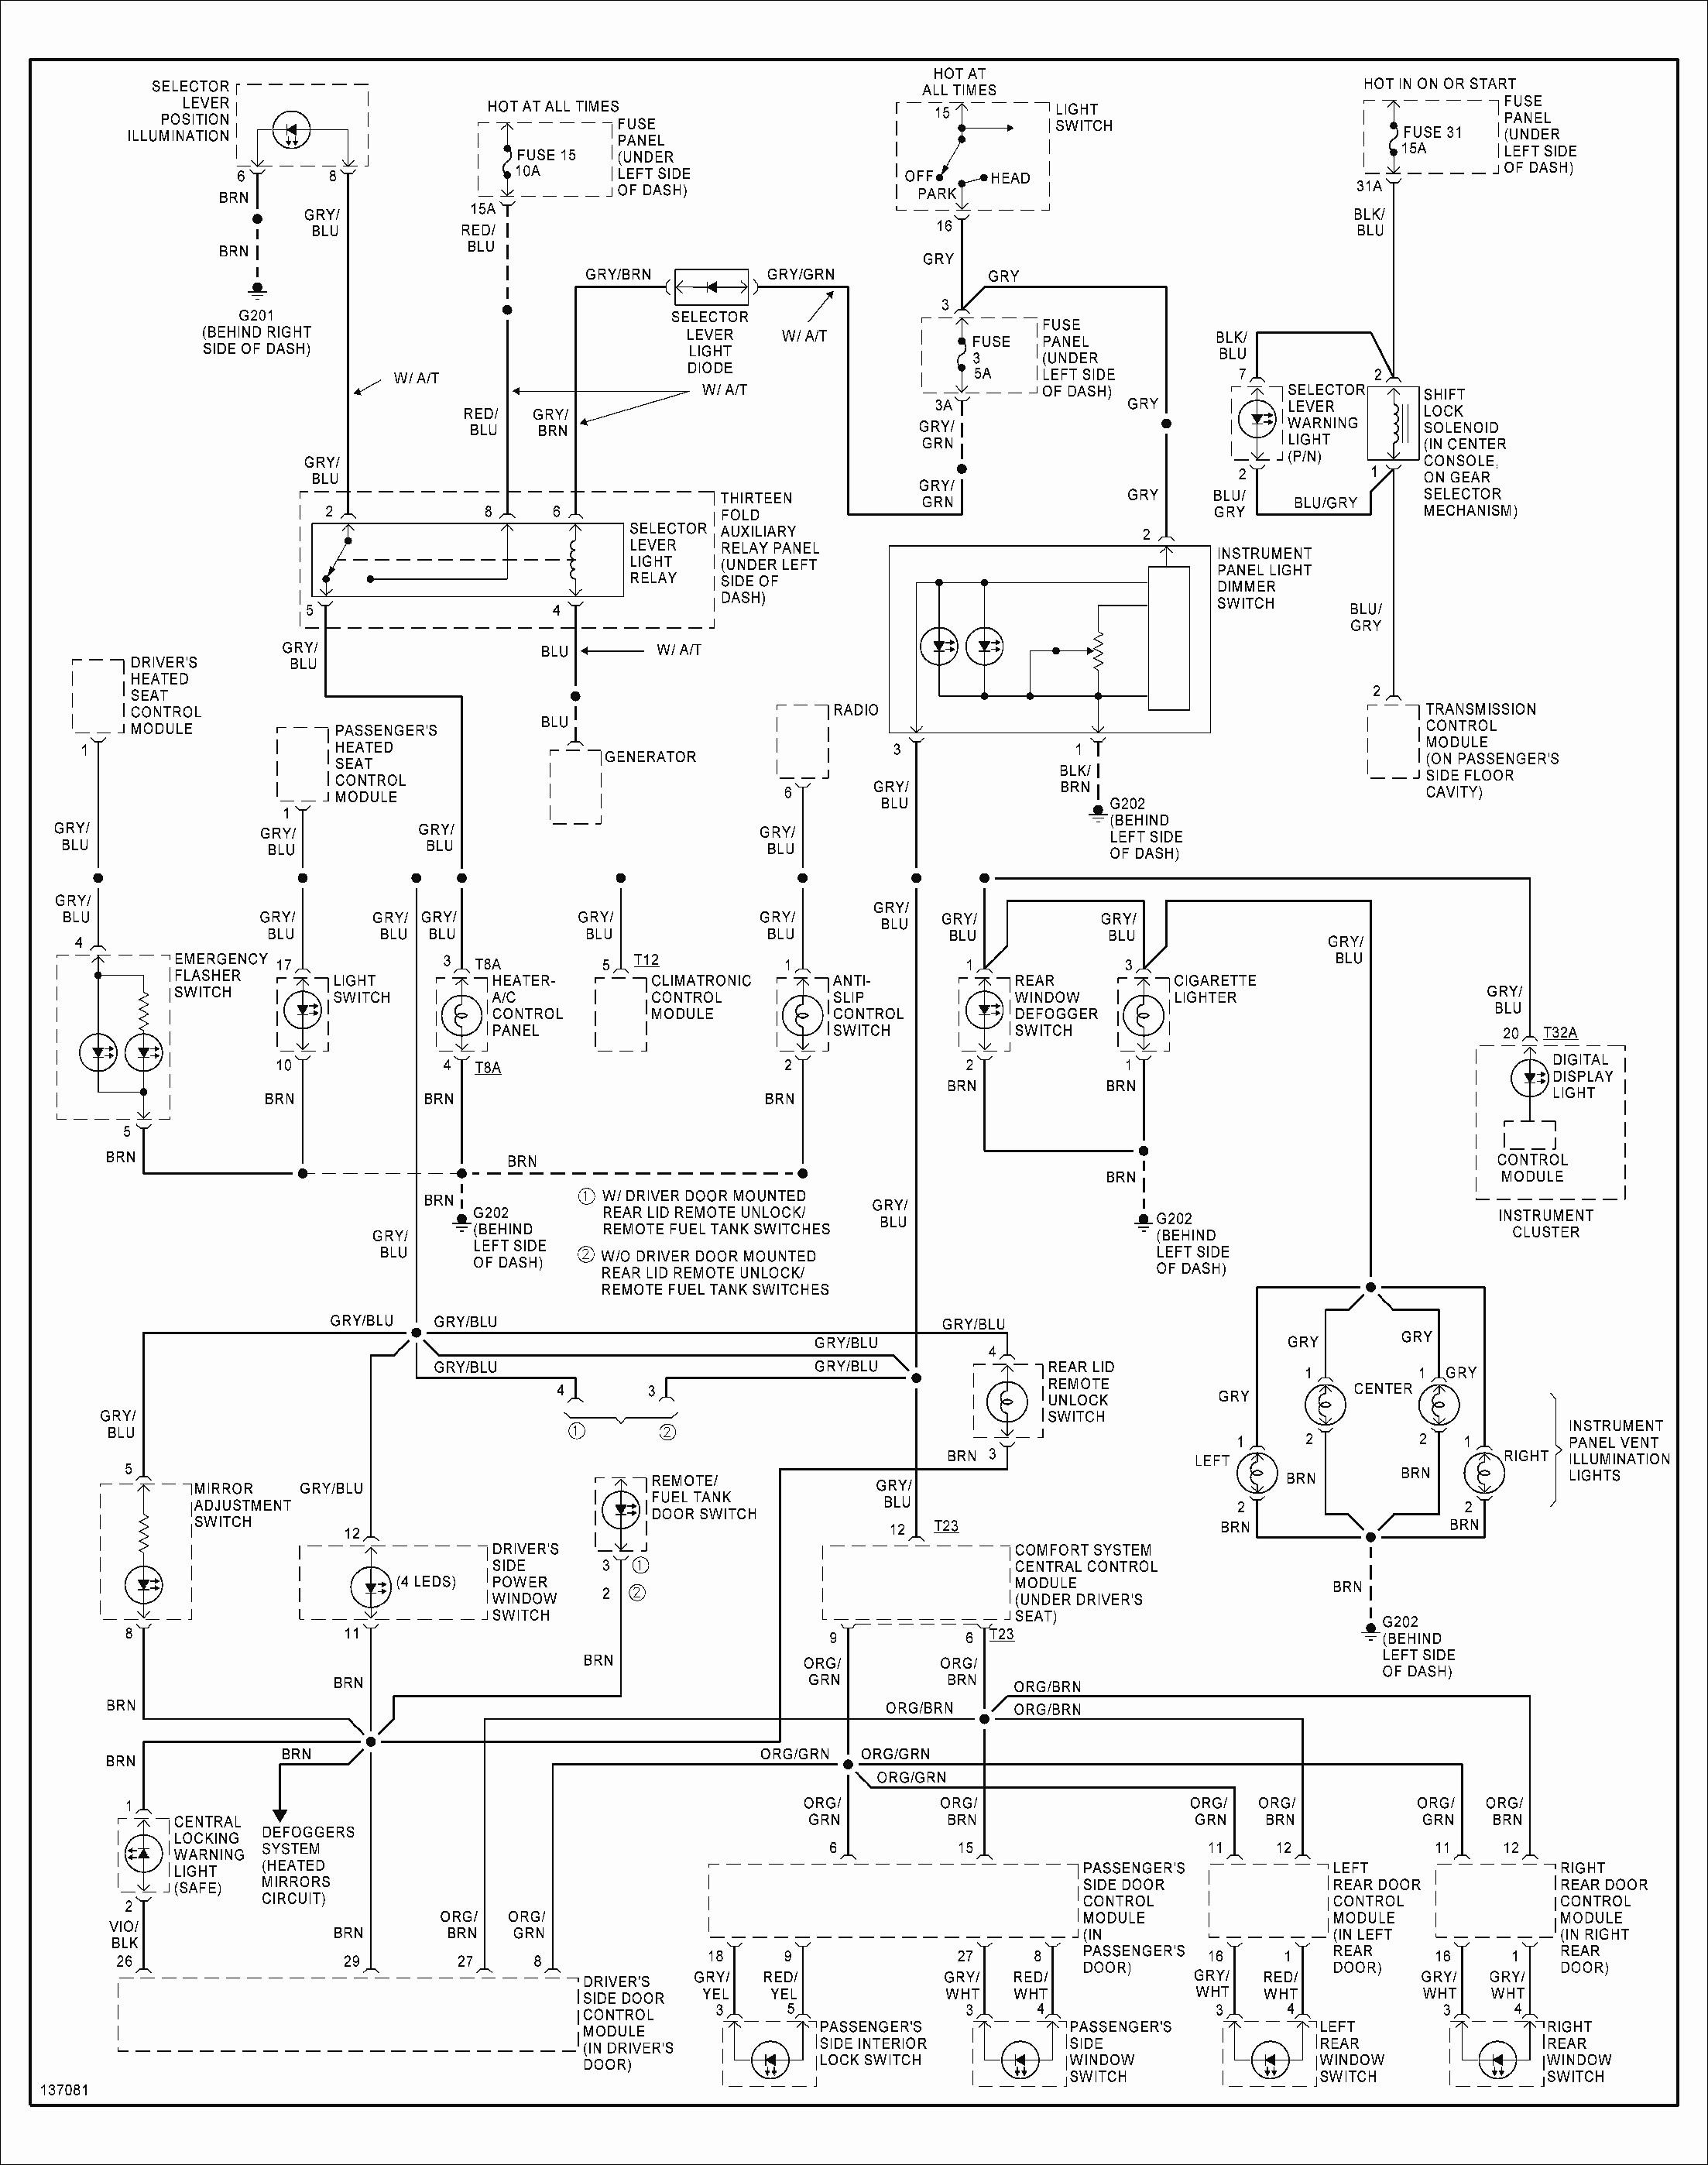 Meter Base Disconnect Wiring Diagram | Wiring Diagram - 200 Amp Meter Base Wiring Diagram